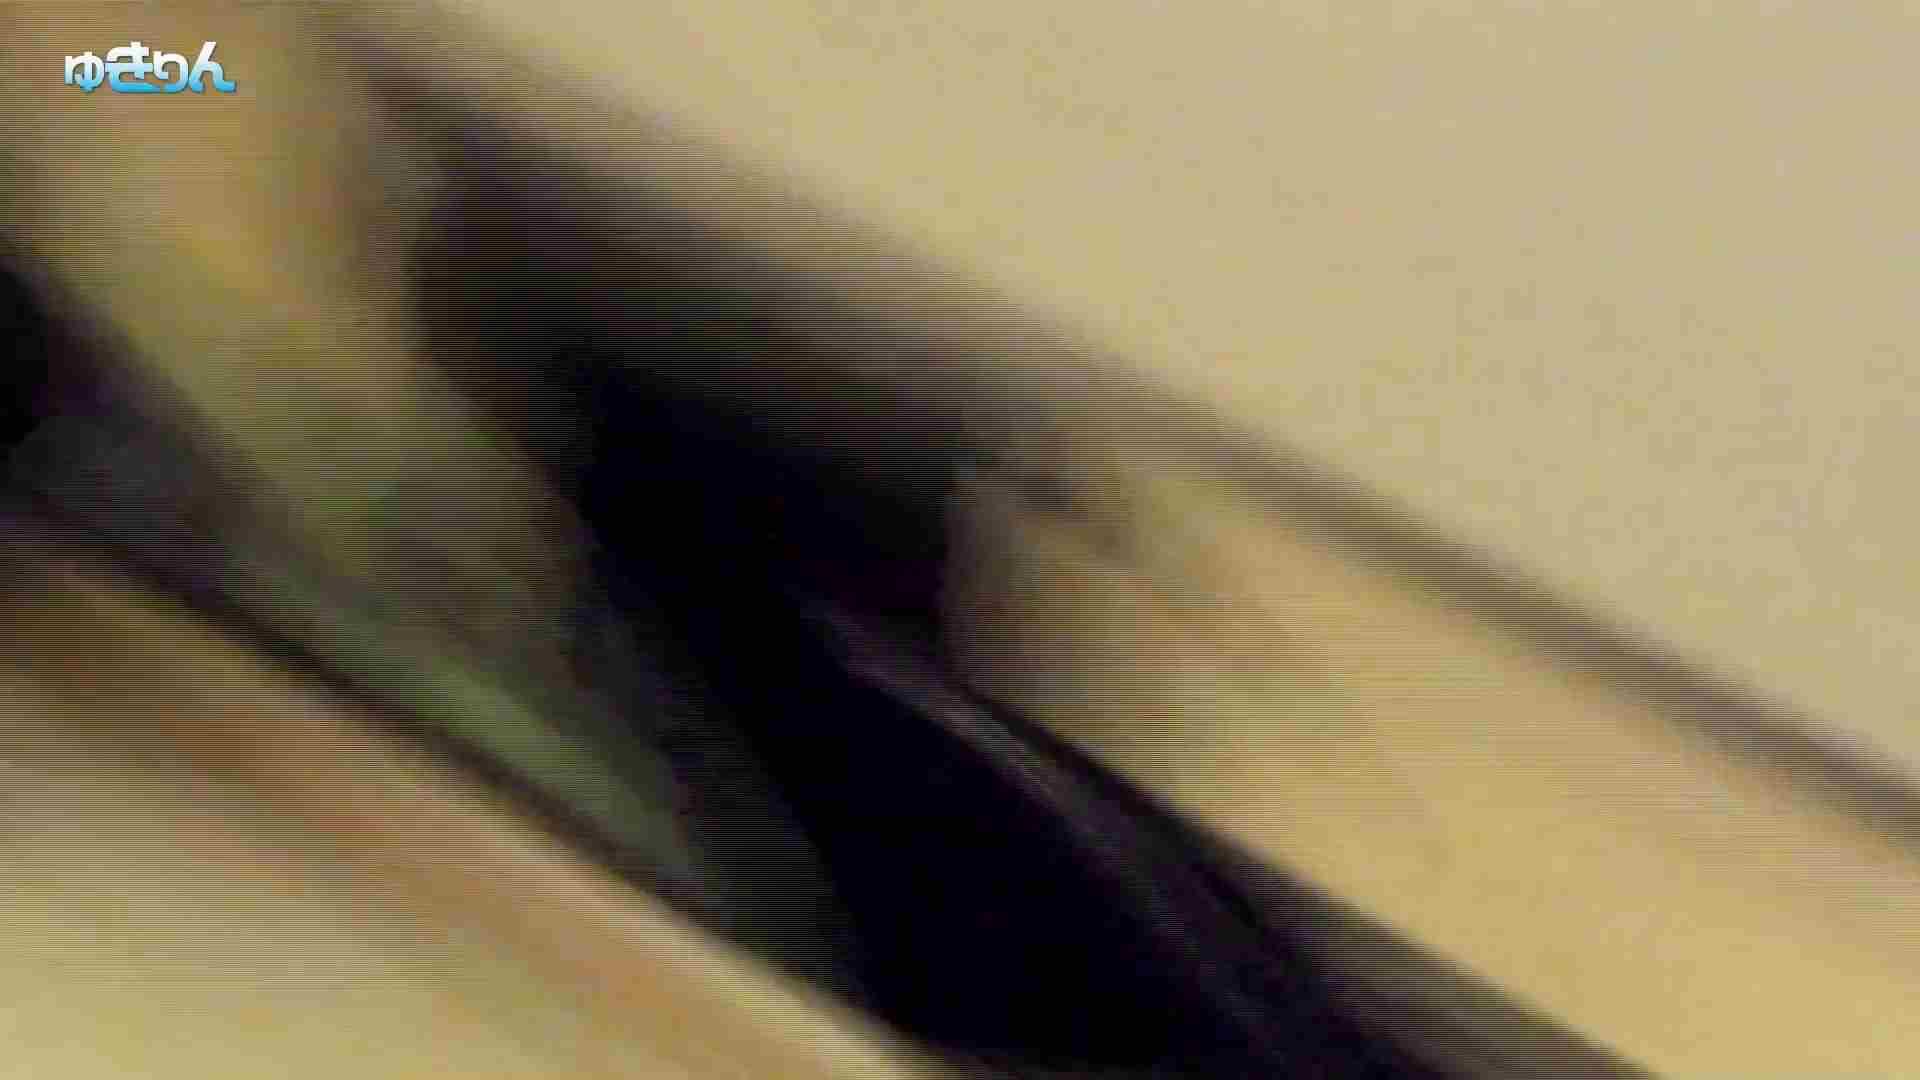 新世界の射窓 No82 新たな場所への挑戦、思わぬ、美女が隣に入ってくれた。 洗面所  78pic 5